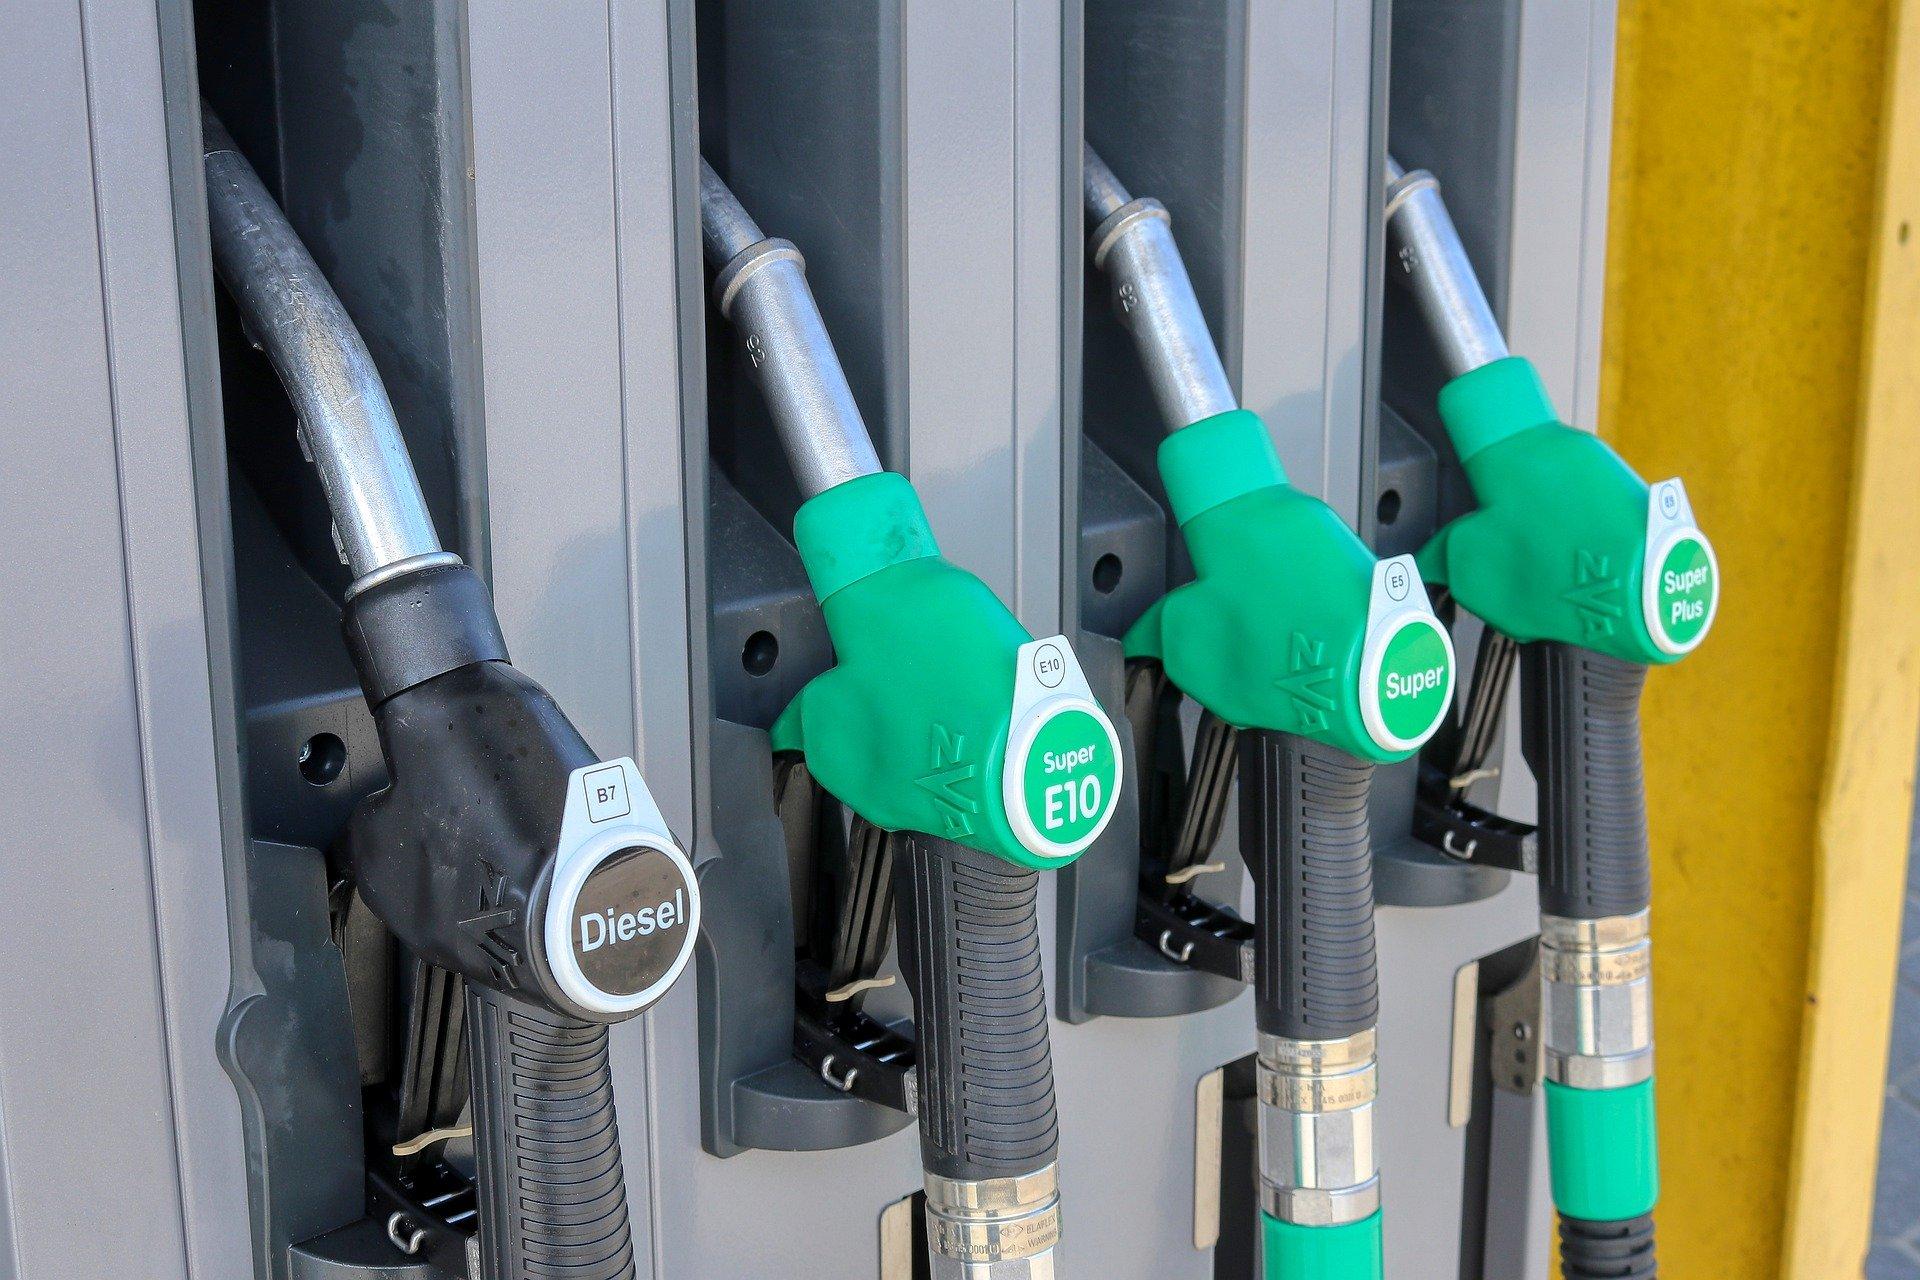 Αύξηση στο πετρέλαιο θέρμανσης: «Καμπανάκι» από τους βενζινοπώλες – Τι ζητούν από την κυβέρνηση